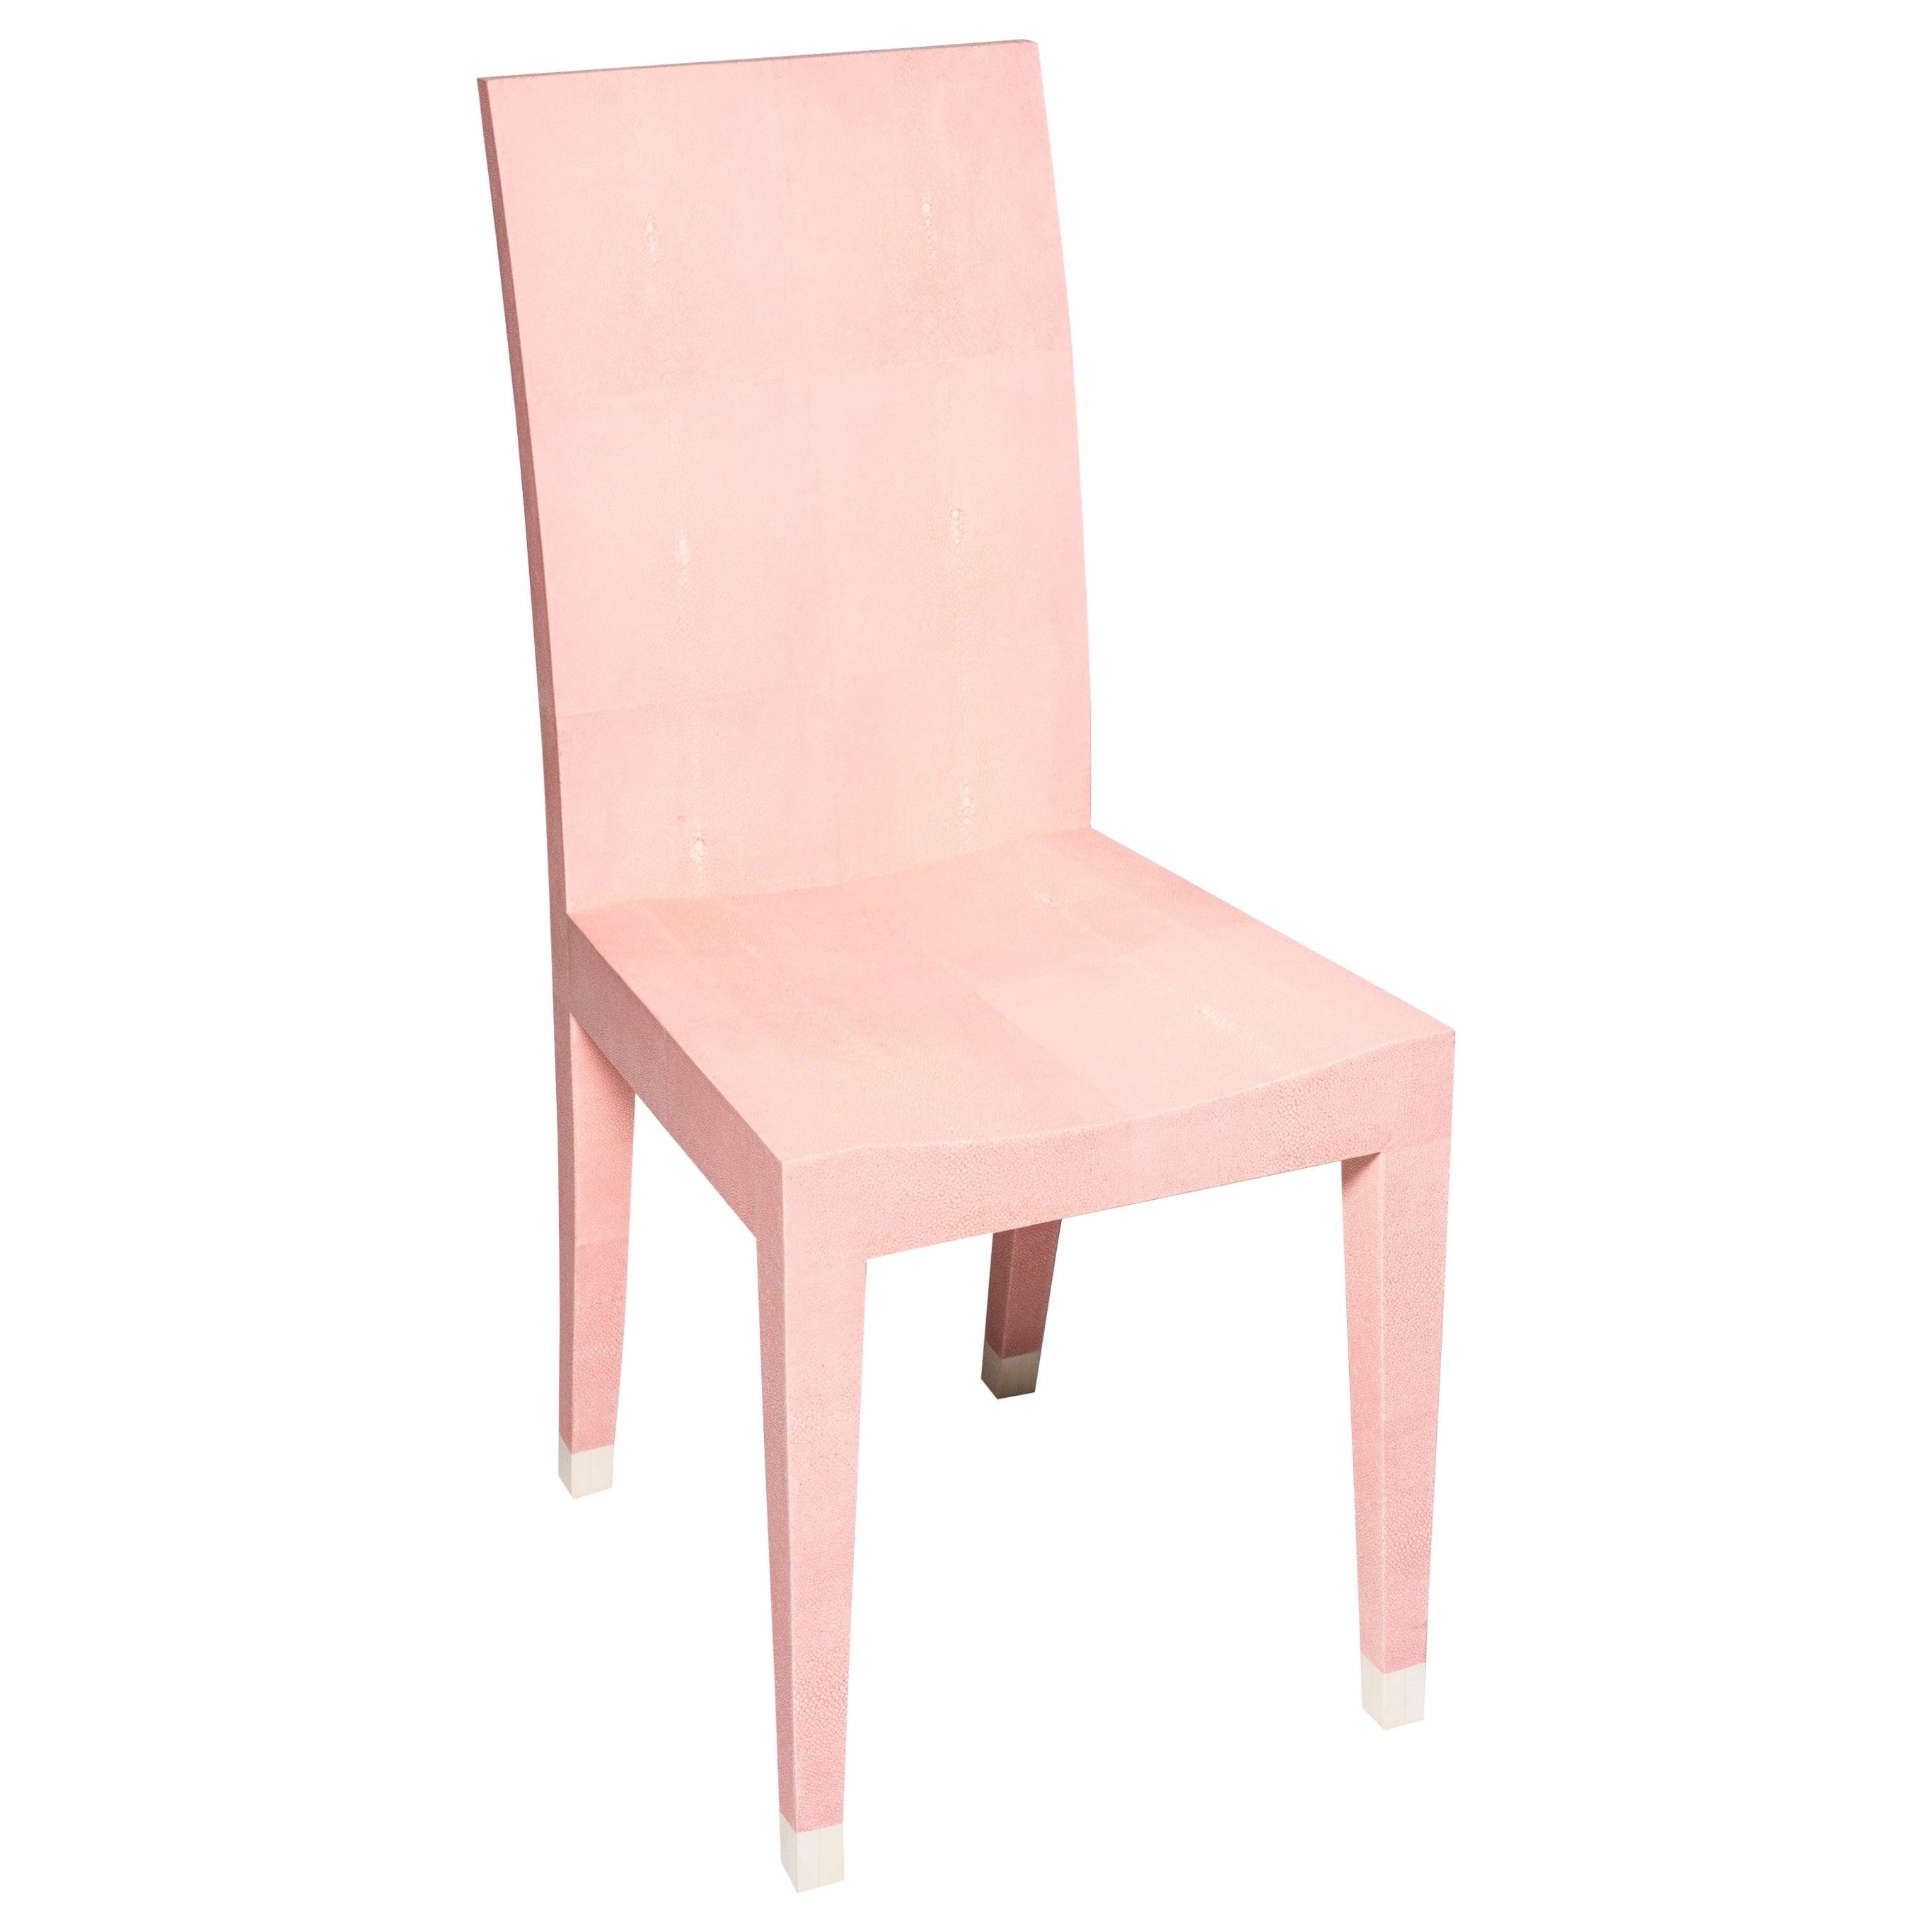 Contemporary Authentic Shagreen Rose De Paris Pink Chair